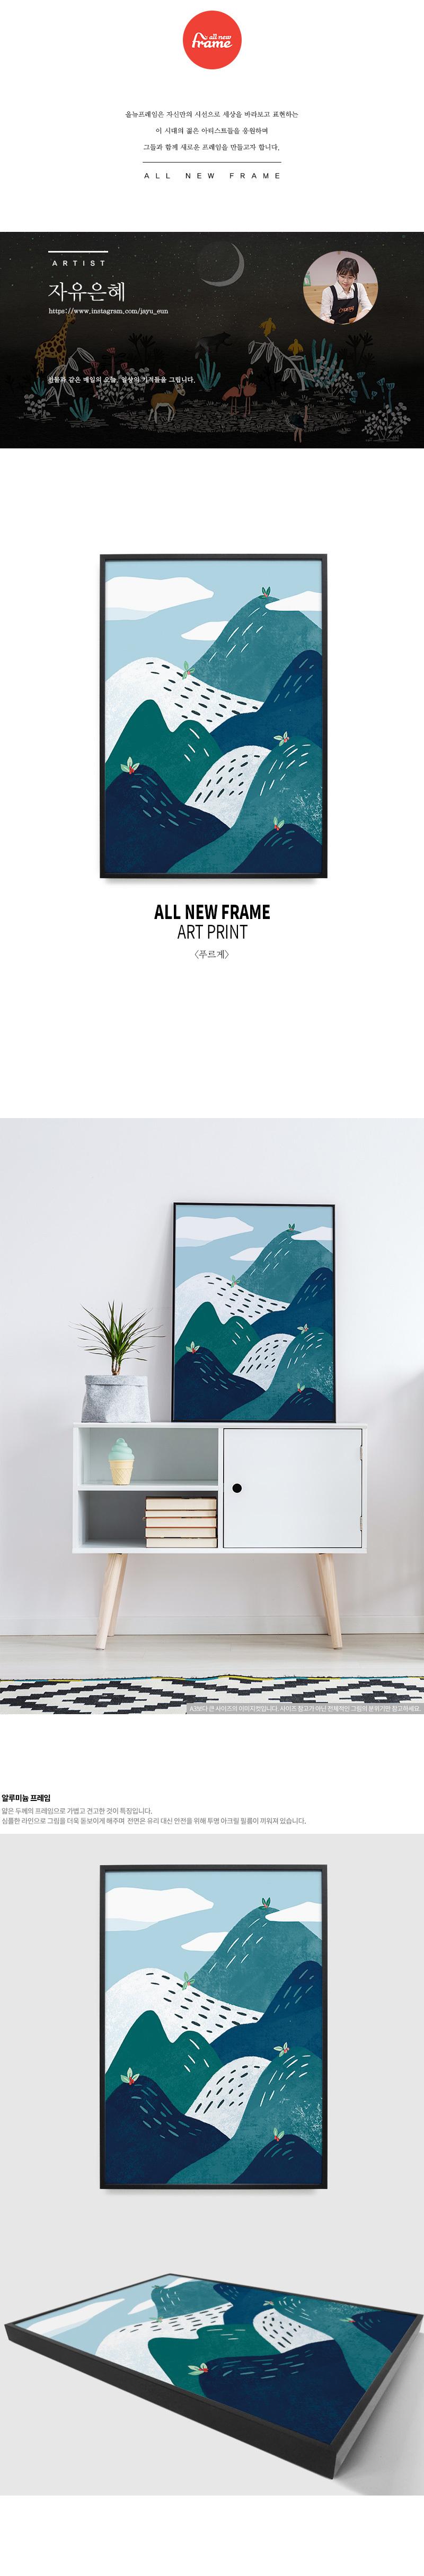 푸르게- 일러스트 액자 - 올뉴프레임, 55,000원, 홈갤러리, 캔버스아트